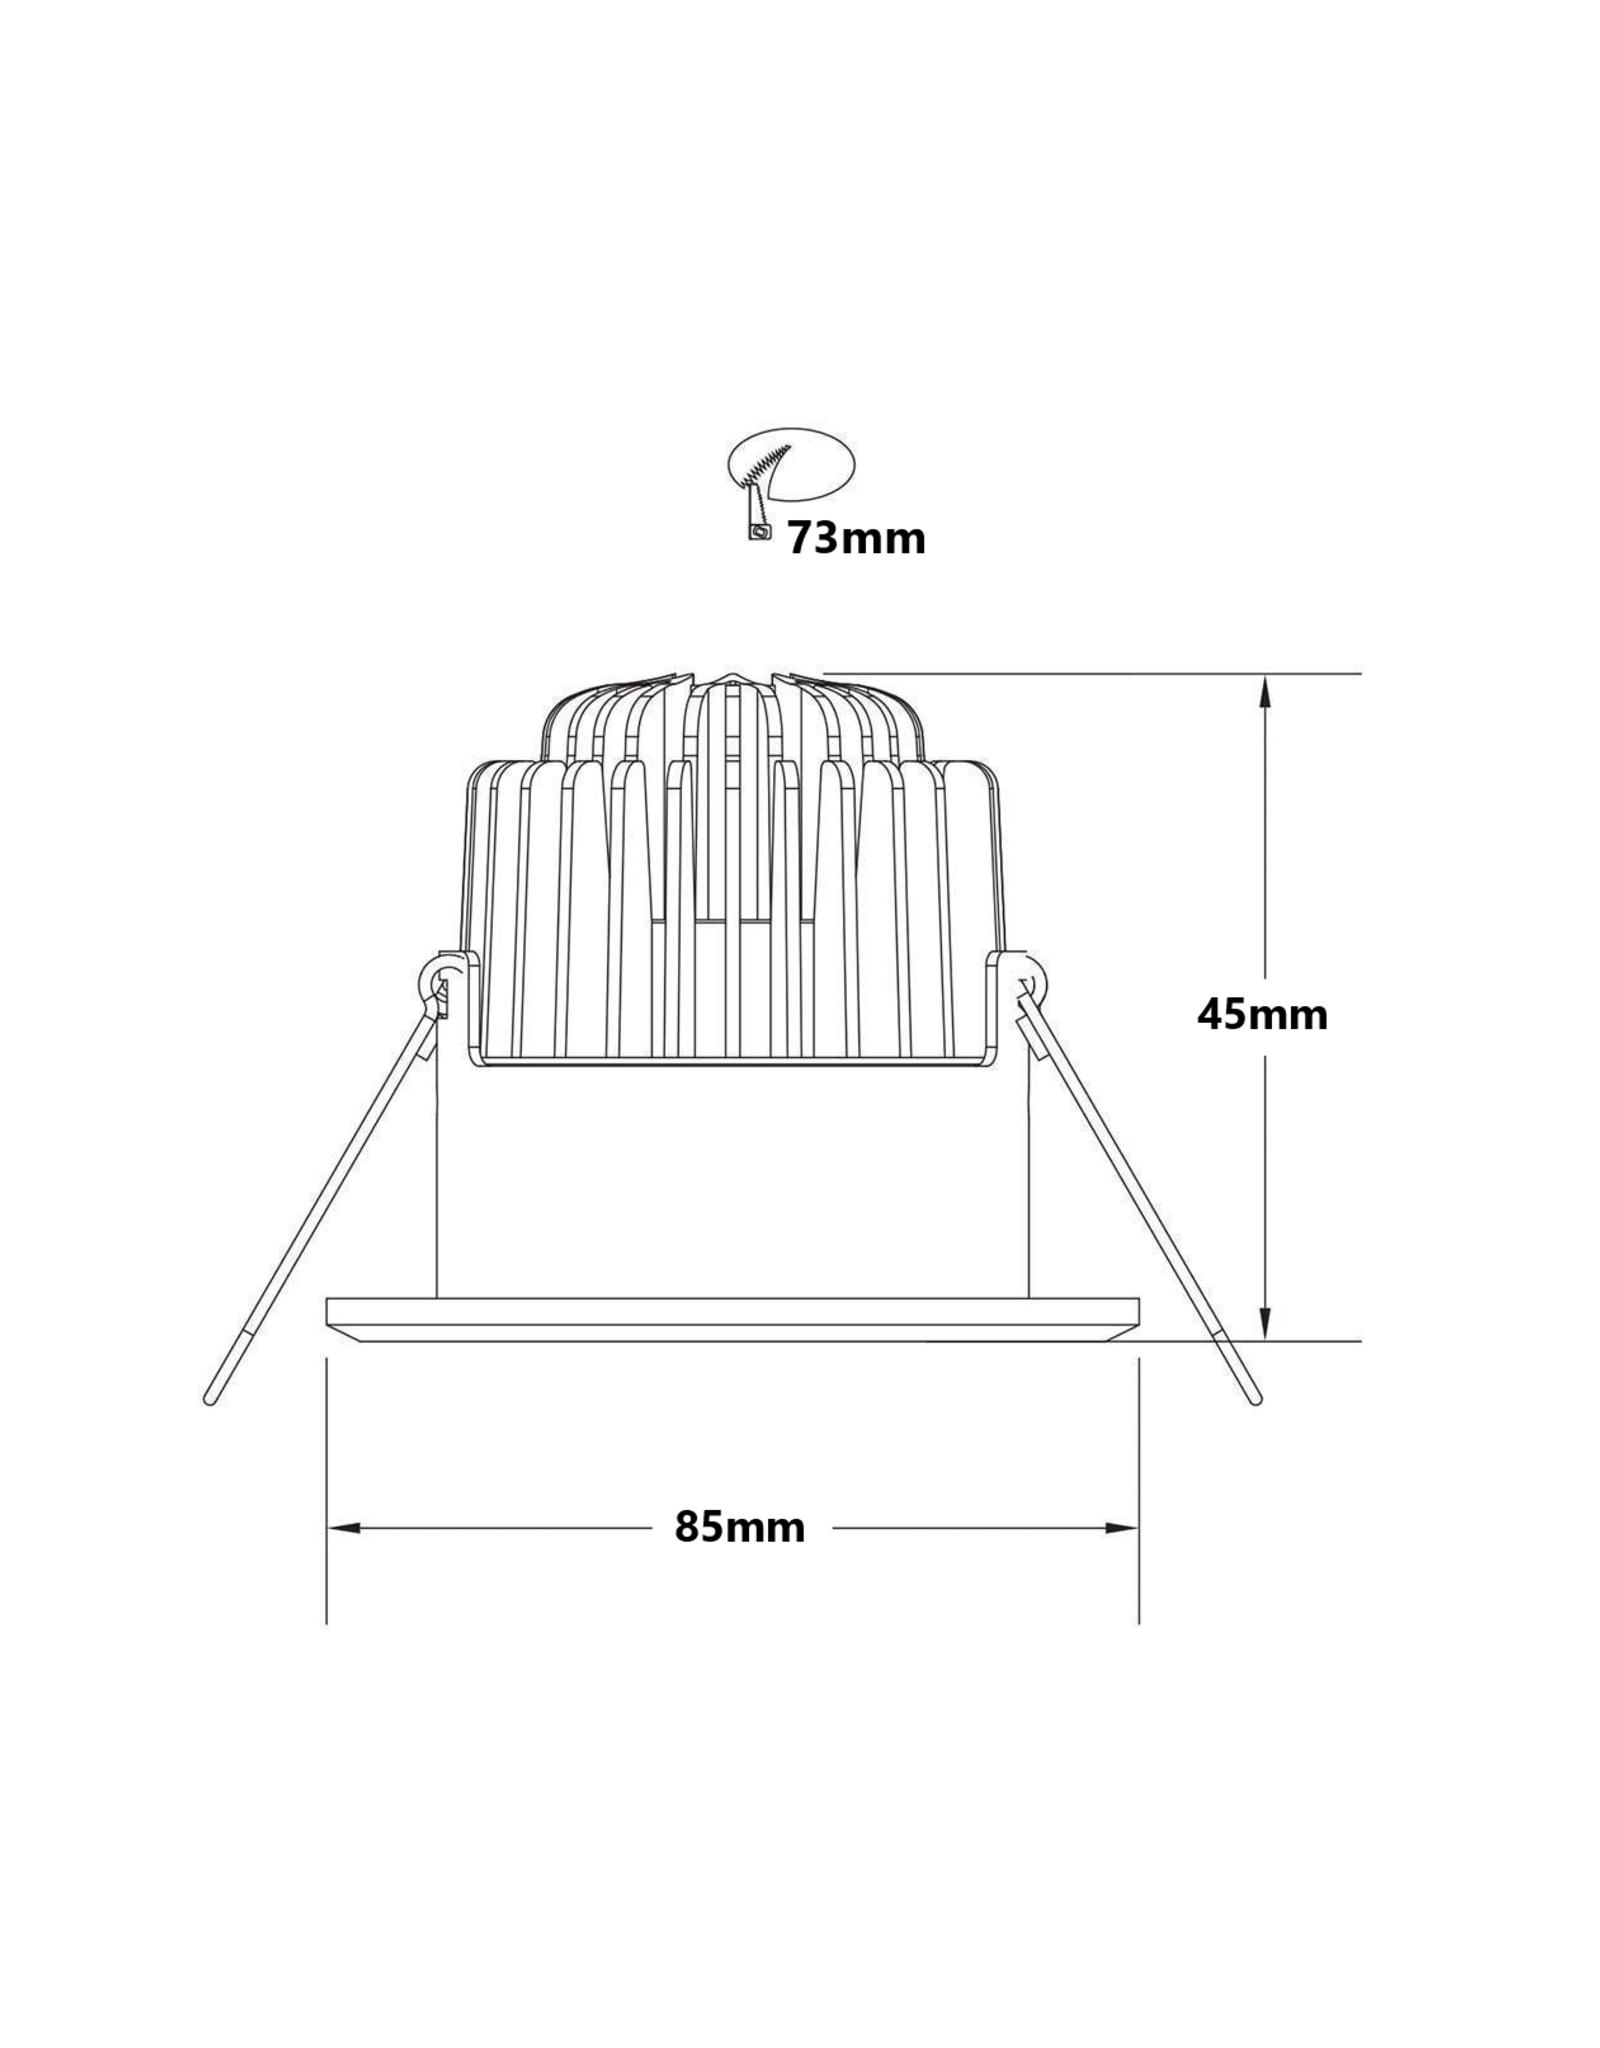 LedLed Addy led kantelspot rond chroom dimbaar - Interieur lens